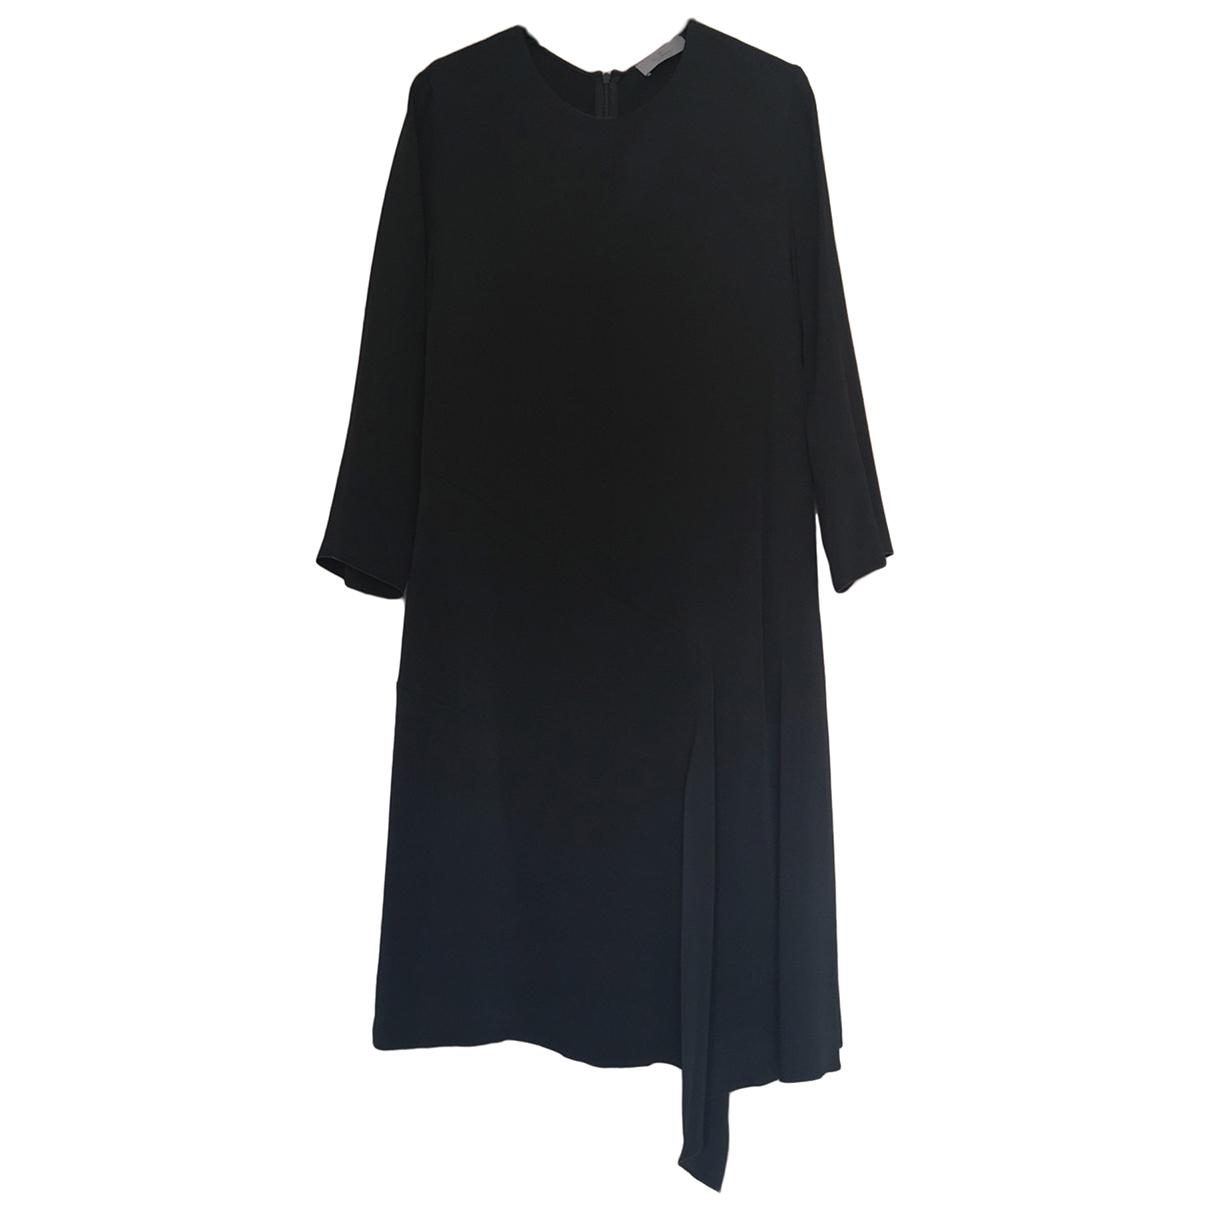 Mulberry N Black dress for Women 8 UK